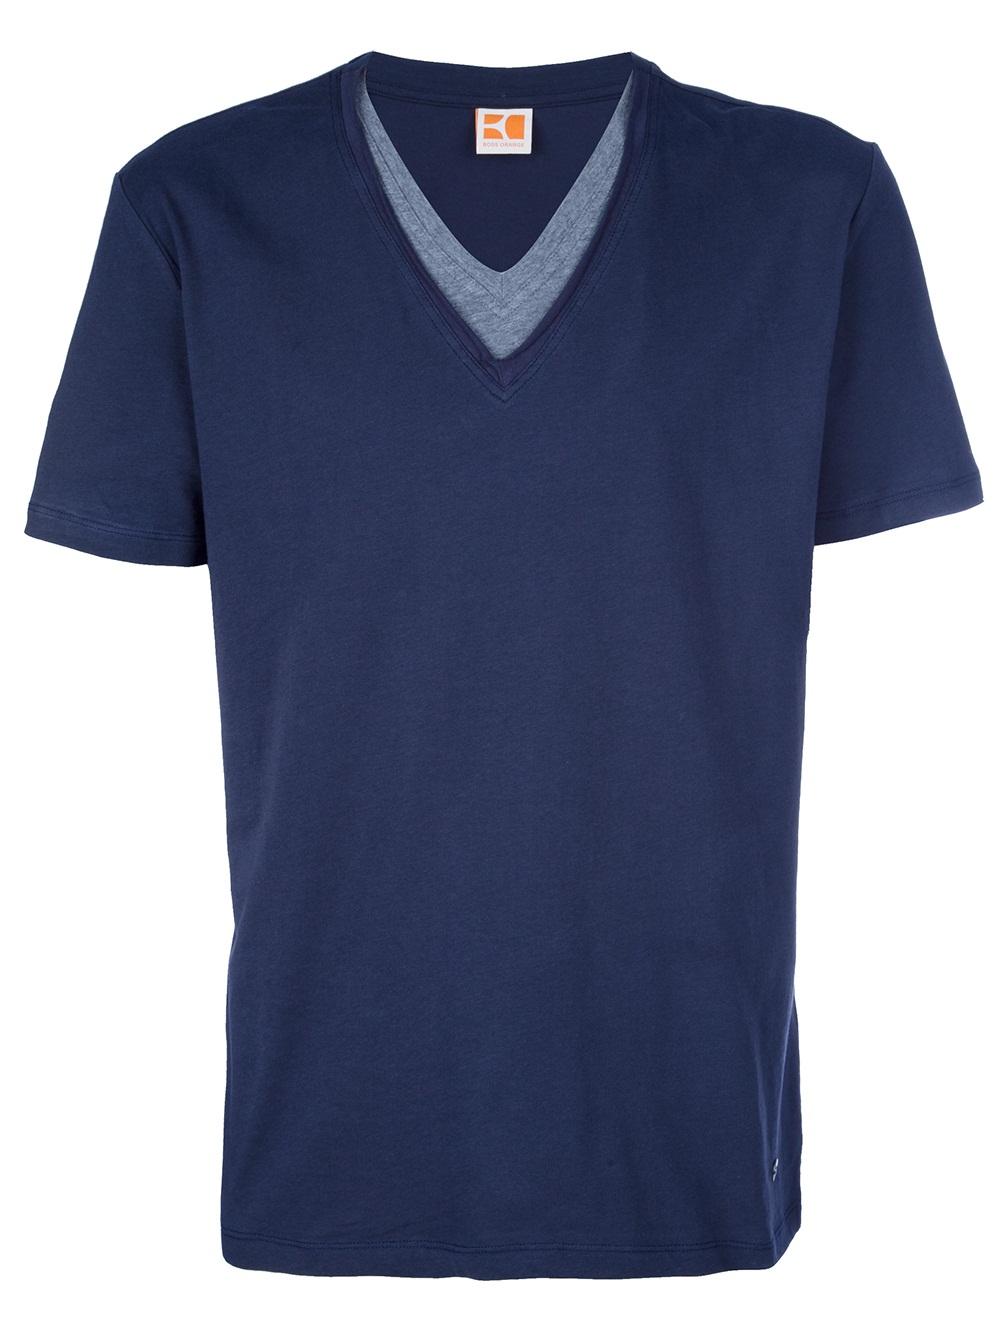 hugo boss orange navy tshirt in blue for men lyst. Black Bedroom Furniture Sets. Home Design Ideas